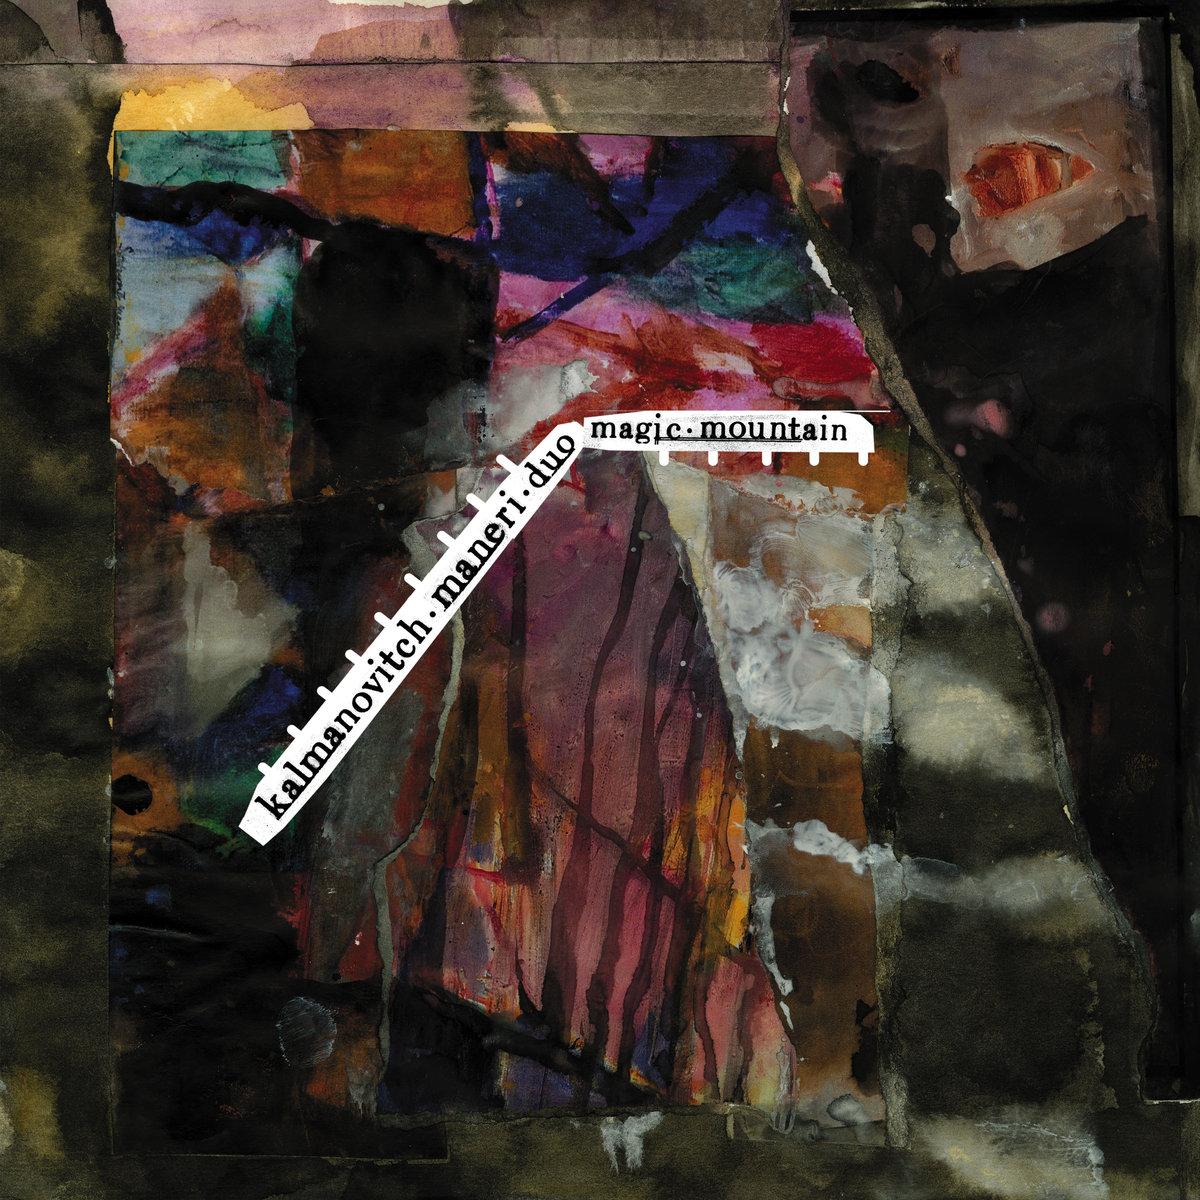 MAGIC MOUNTAIN on CD